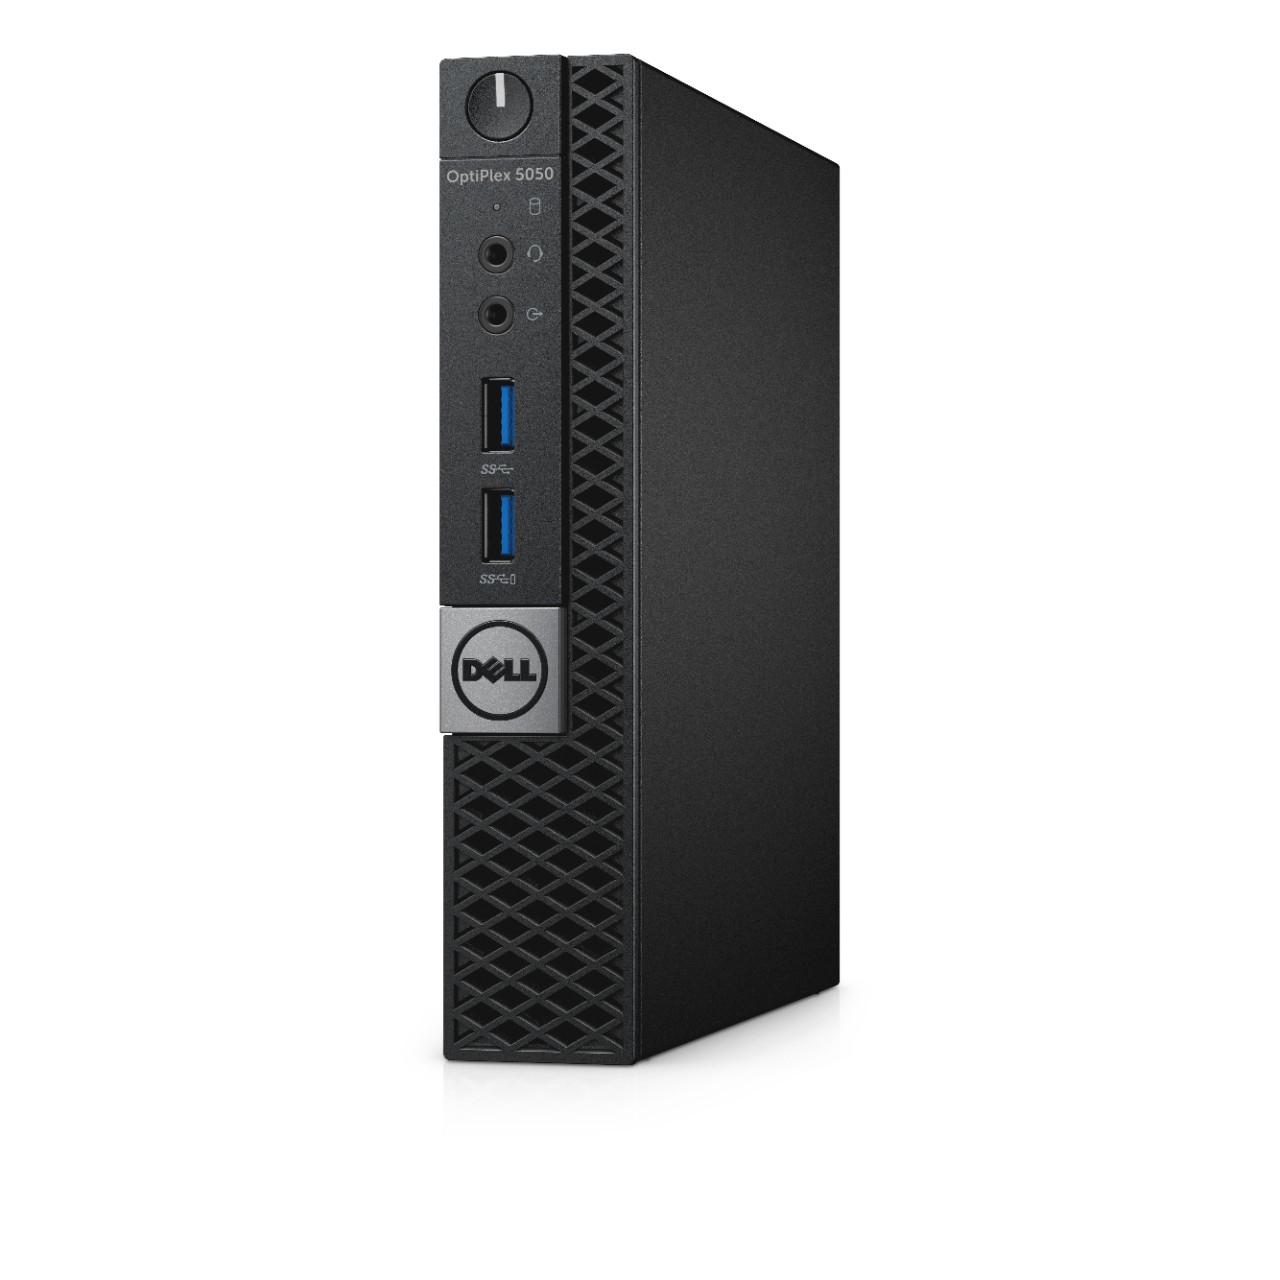 DELL OptiPlex 5050m 3.4GHz i3-7100T PC di dimensione 1,2L Nero Mini PC